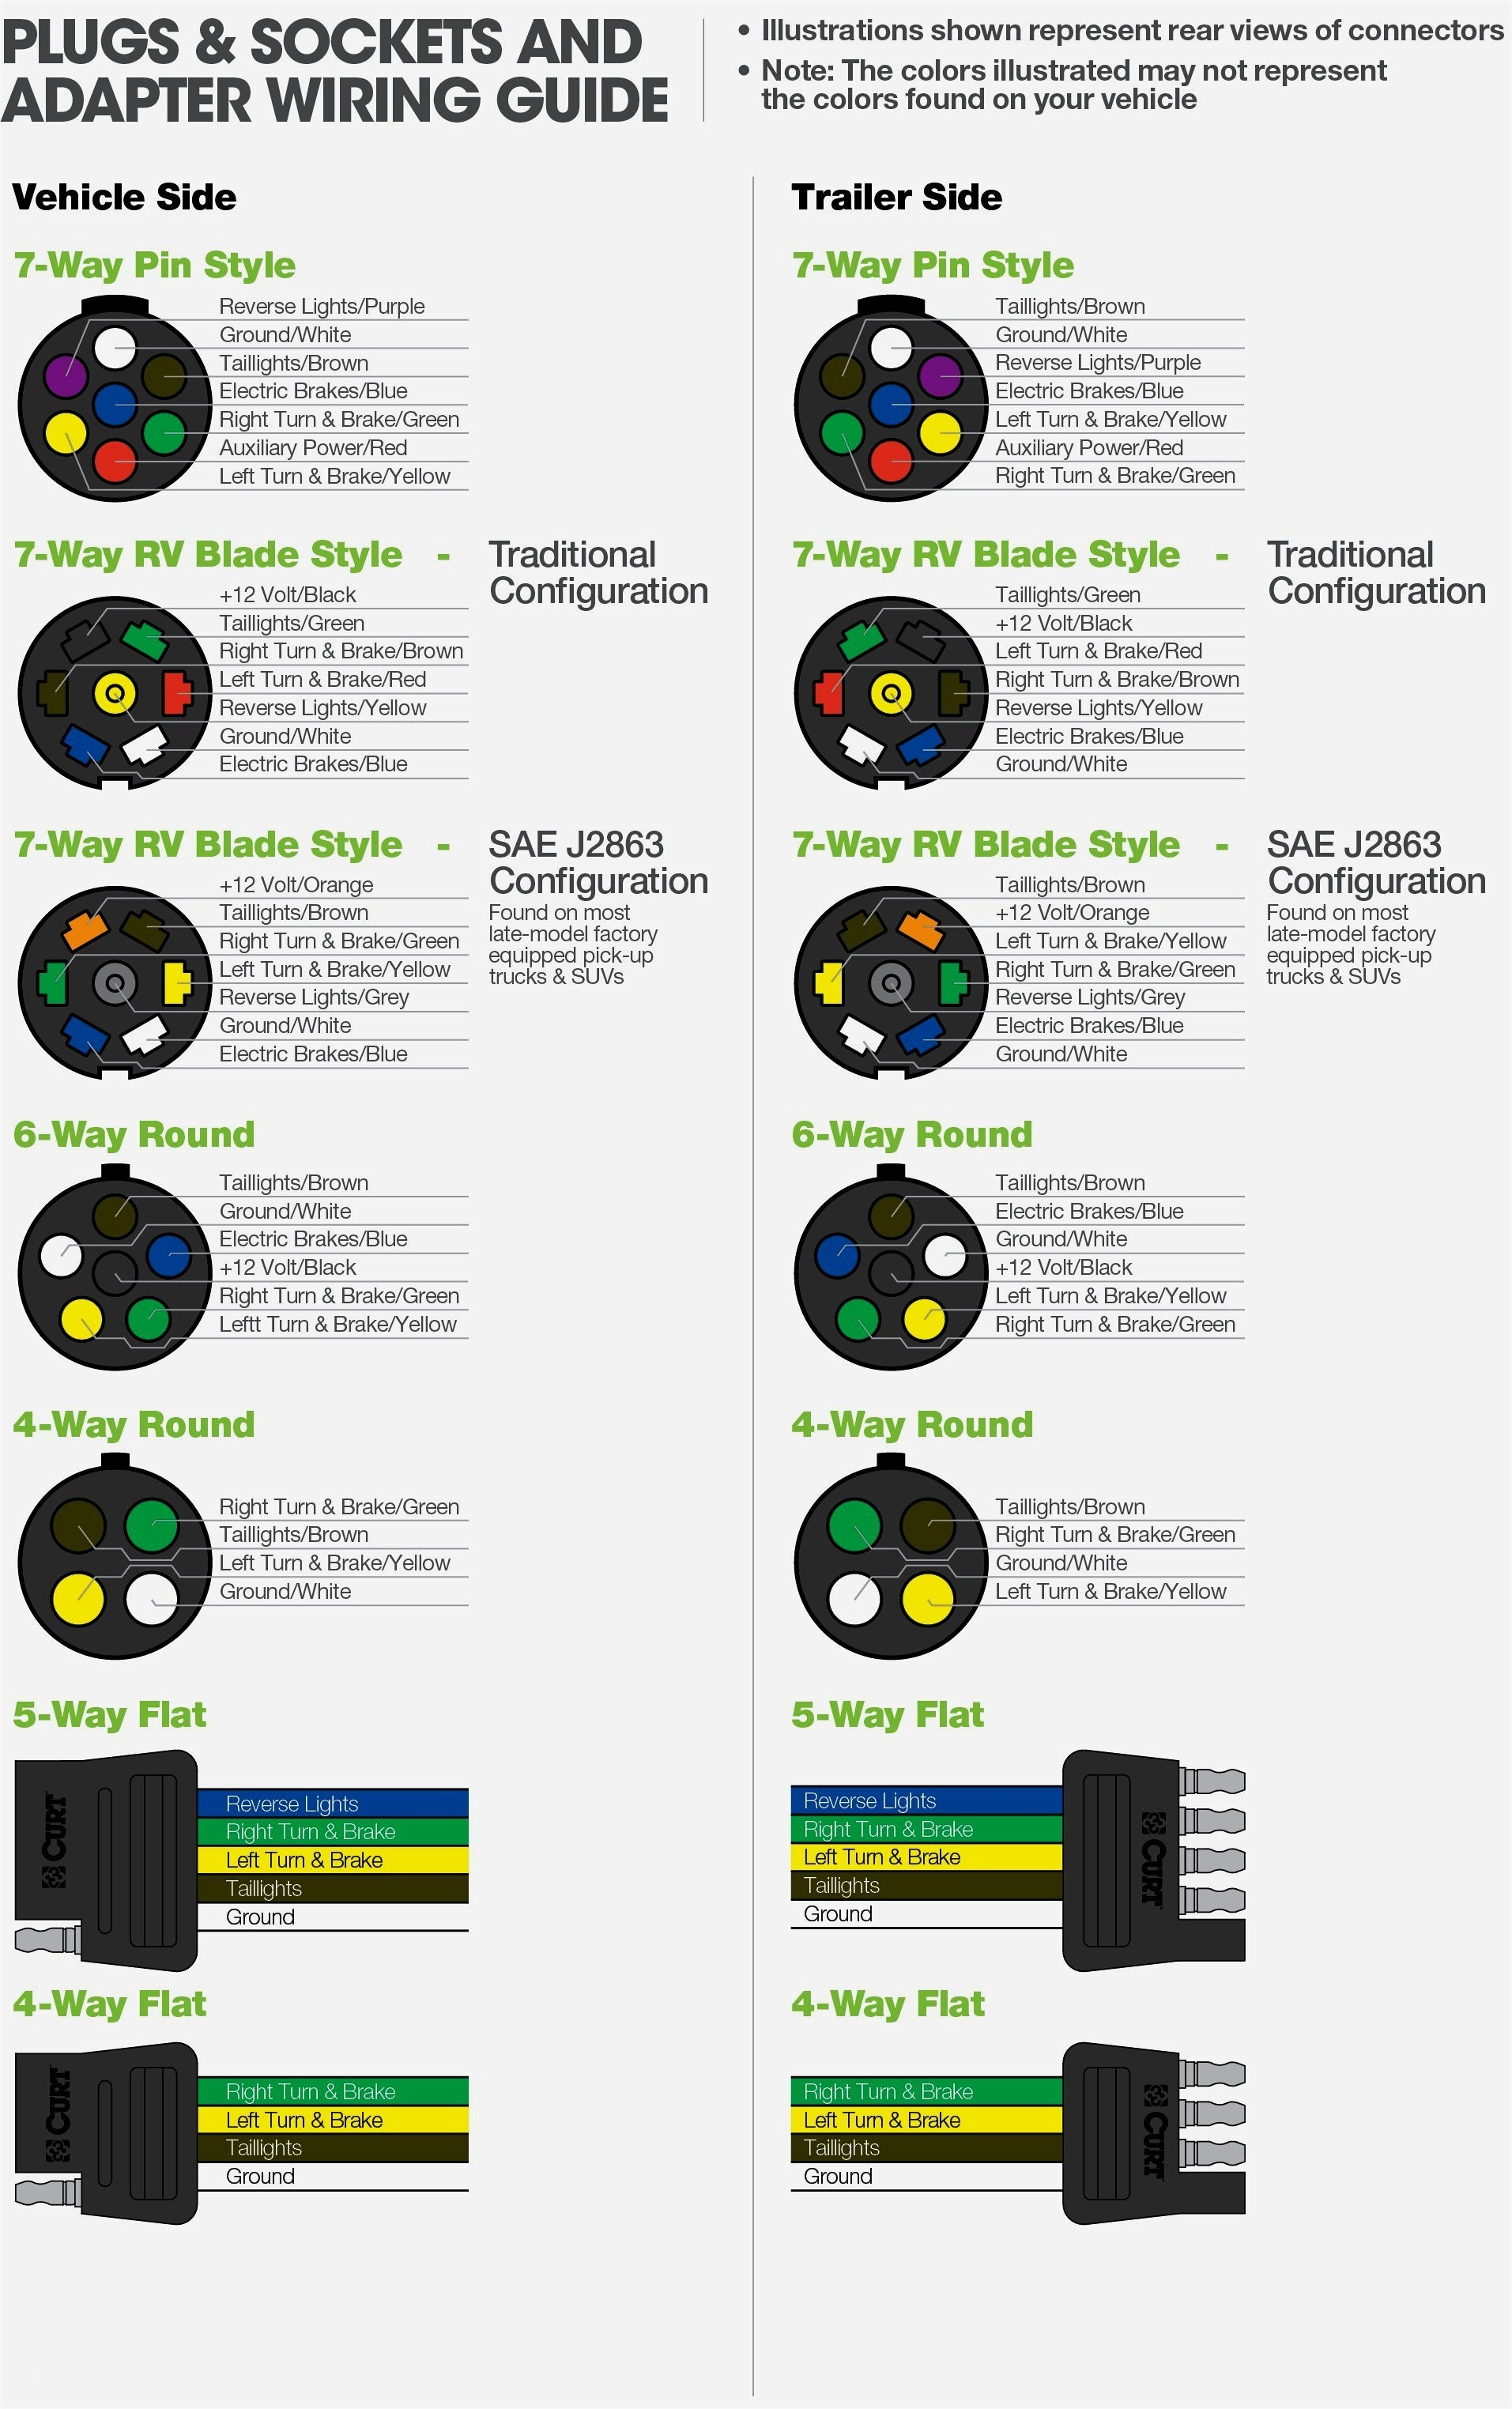 6 round to 7 round wiring online schematic diagram u2022 rh muscle pharma co 4 Pin Trailer Wiring-Diagram 7 Pin Trailer Wiring Diagram